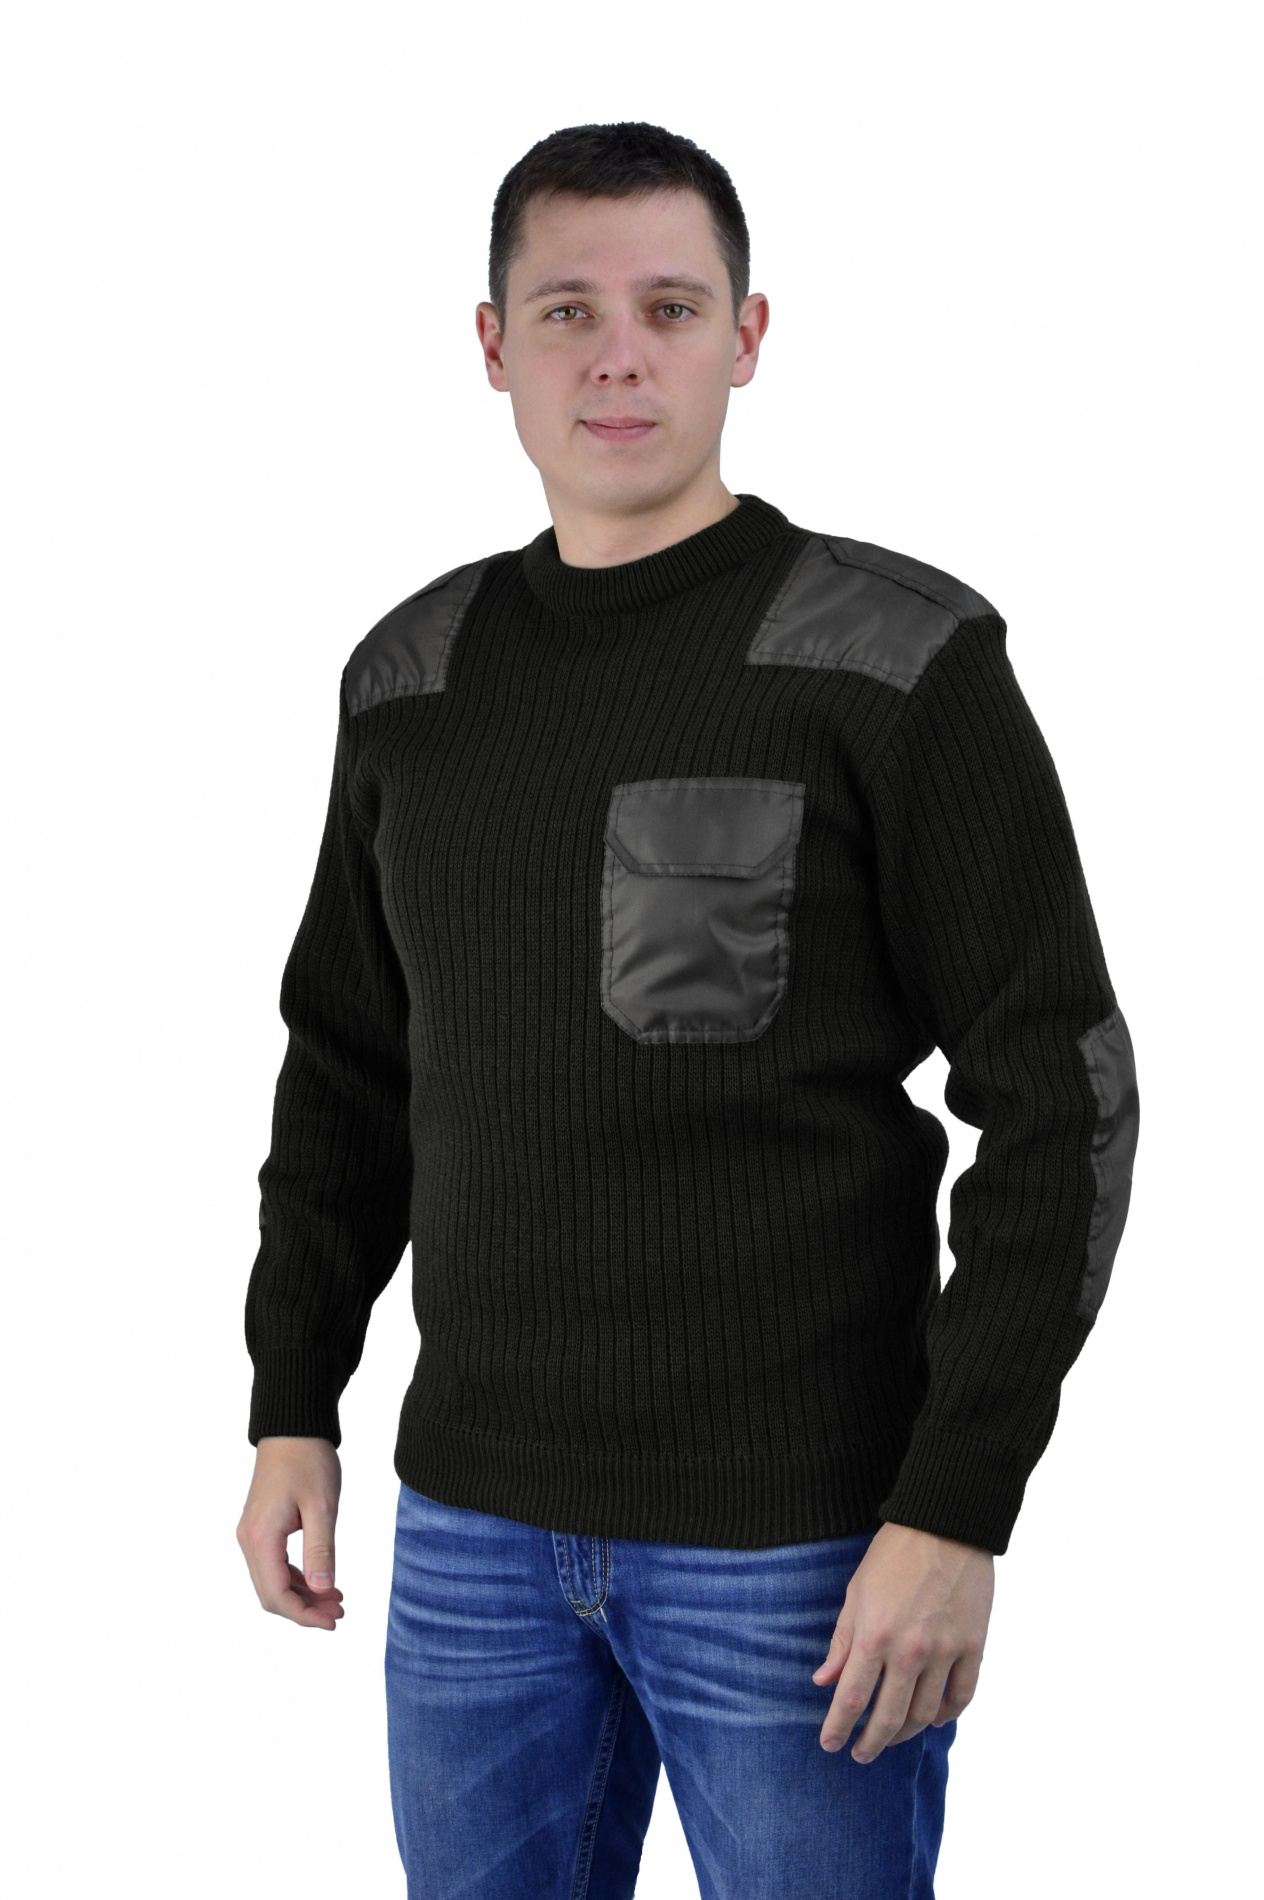 Свитер чёрный с накладками п/ш ворот (U) Свитера<br>Свитер чёрный с усиливающими накладками <br>из прочной ткани в зонах истирания. Состав: <br>п/ш ( состав 70% акрил, 30% шерсть) оптимальное <br>соотношение для поддержания тепла и износостойкости. <br>U-образный ворот удобен для всех видов ношения.<br><br>Пол: мужской<br>Размер: 62<br>Сезон: все сезоны<br>Цвет: черный<br>Материал: шерсть